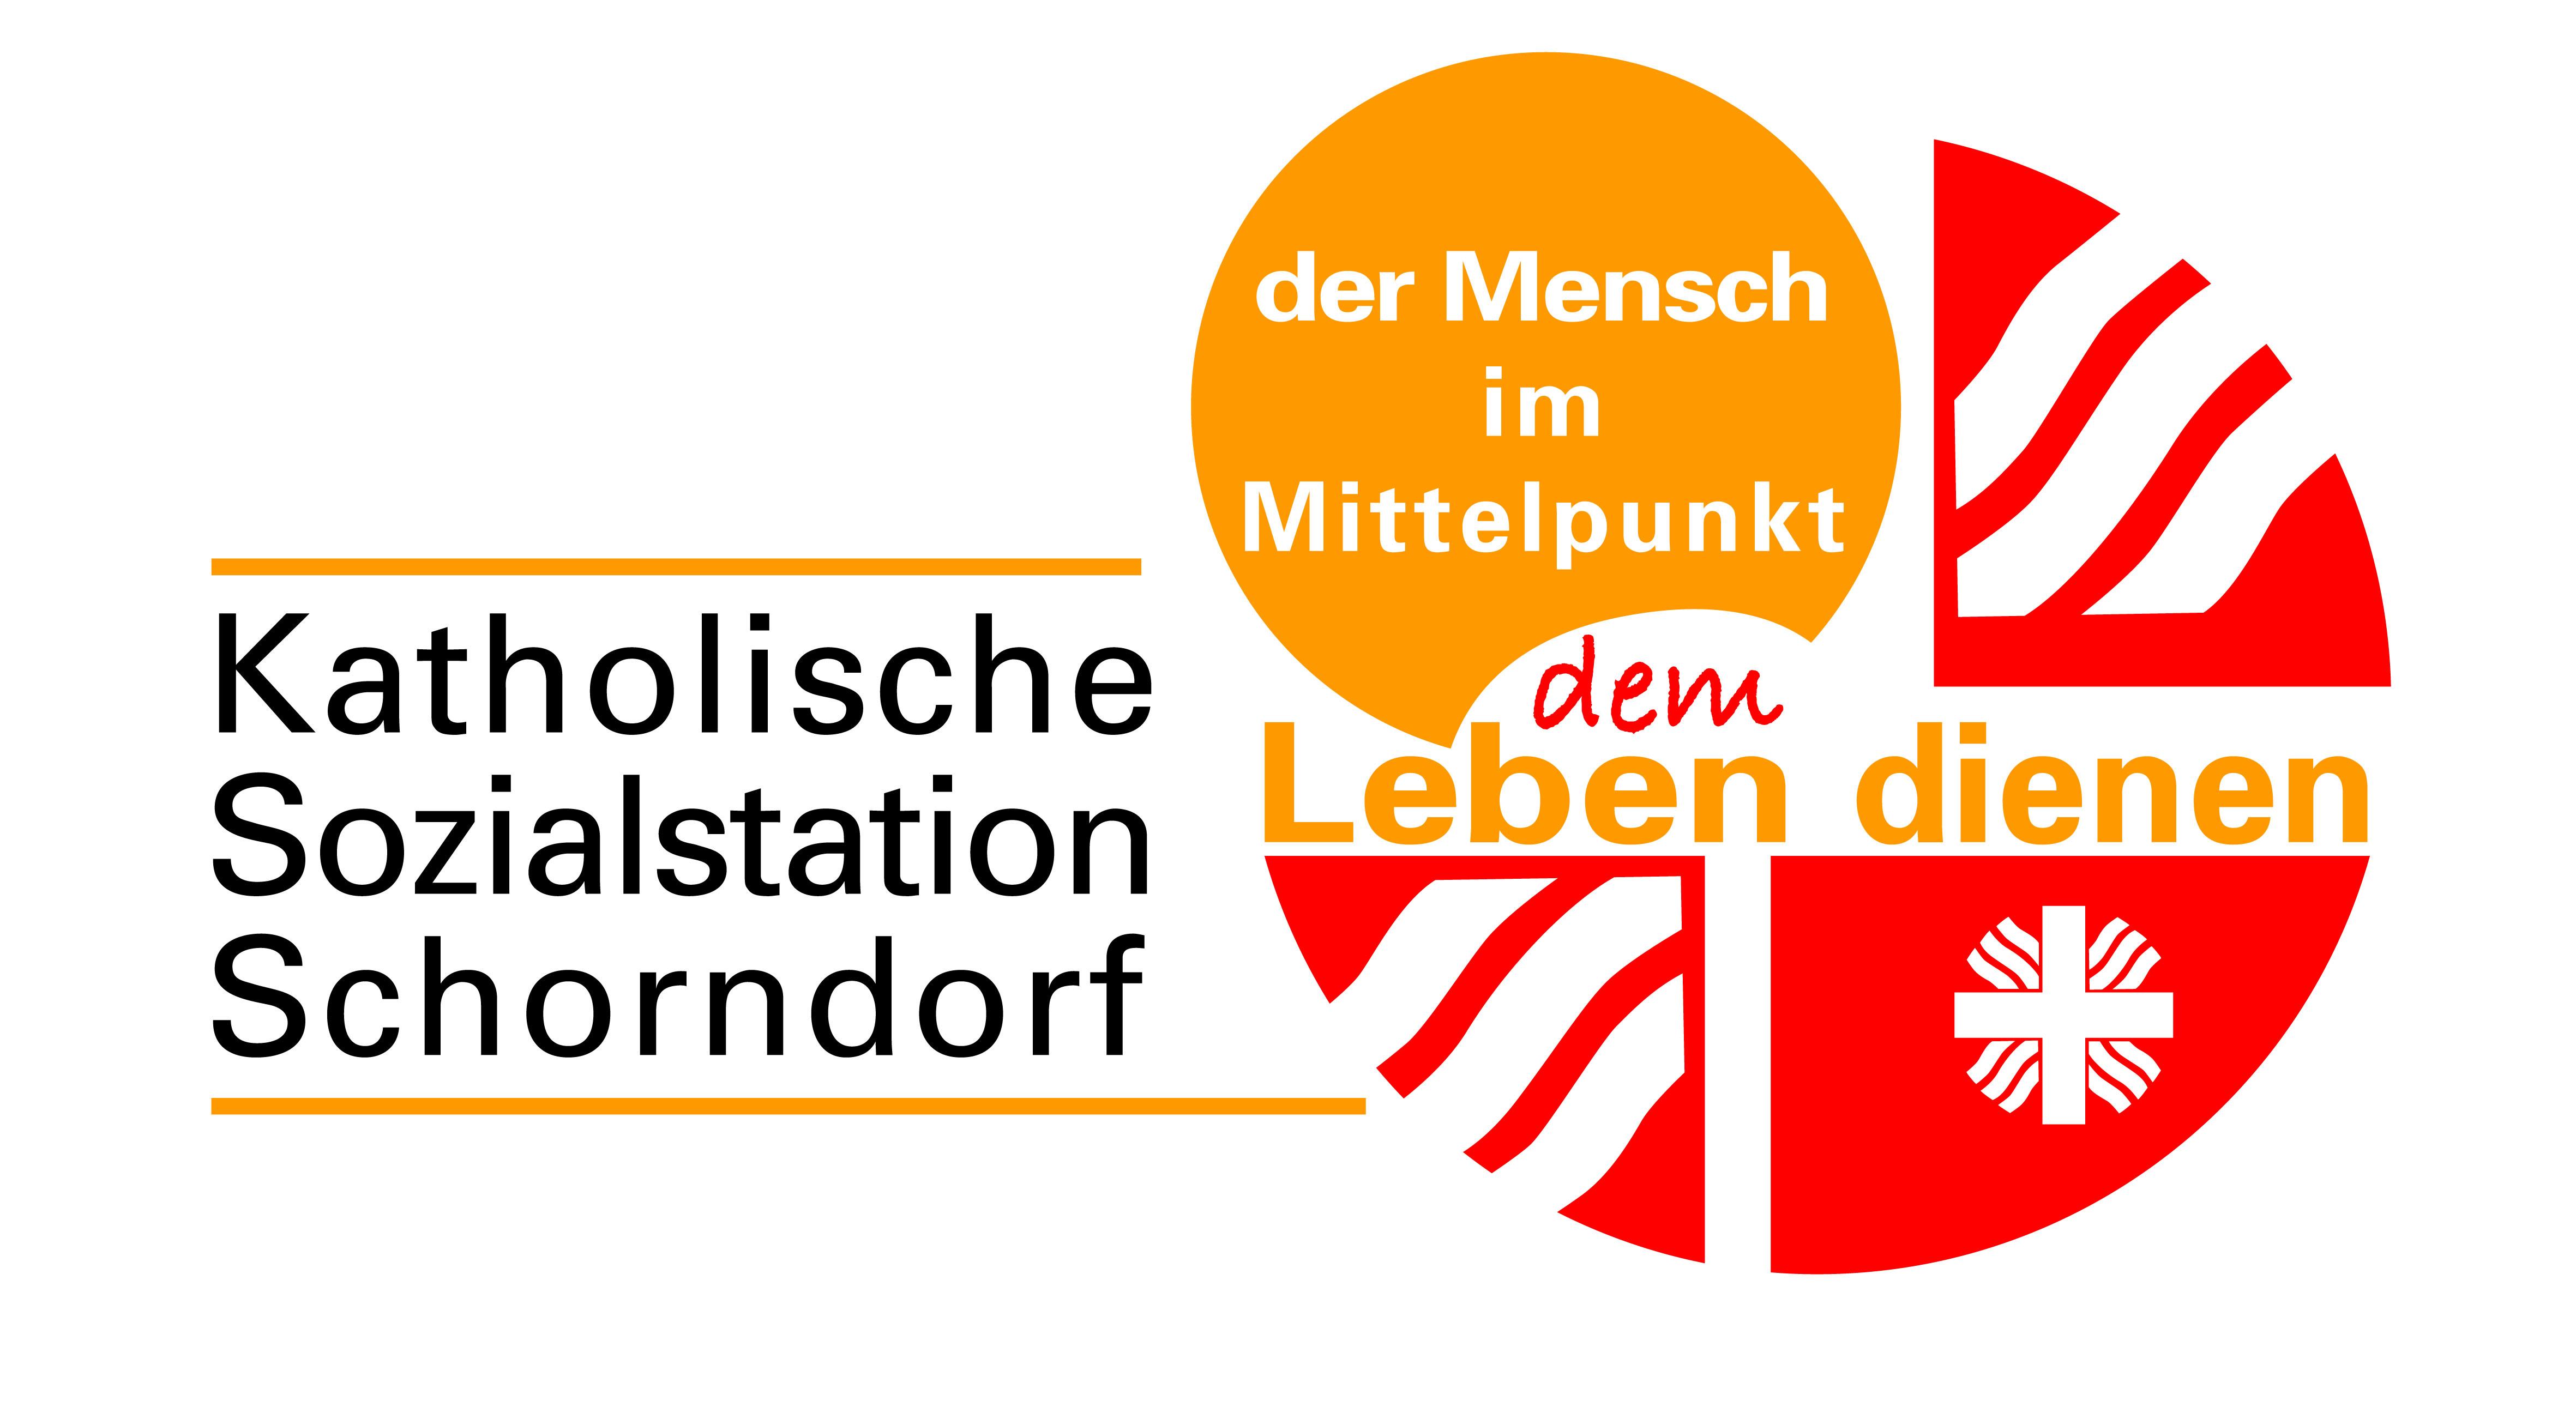 Katholische Sozialstation Schorndorf